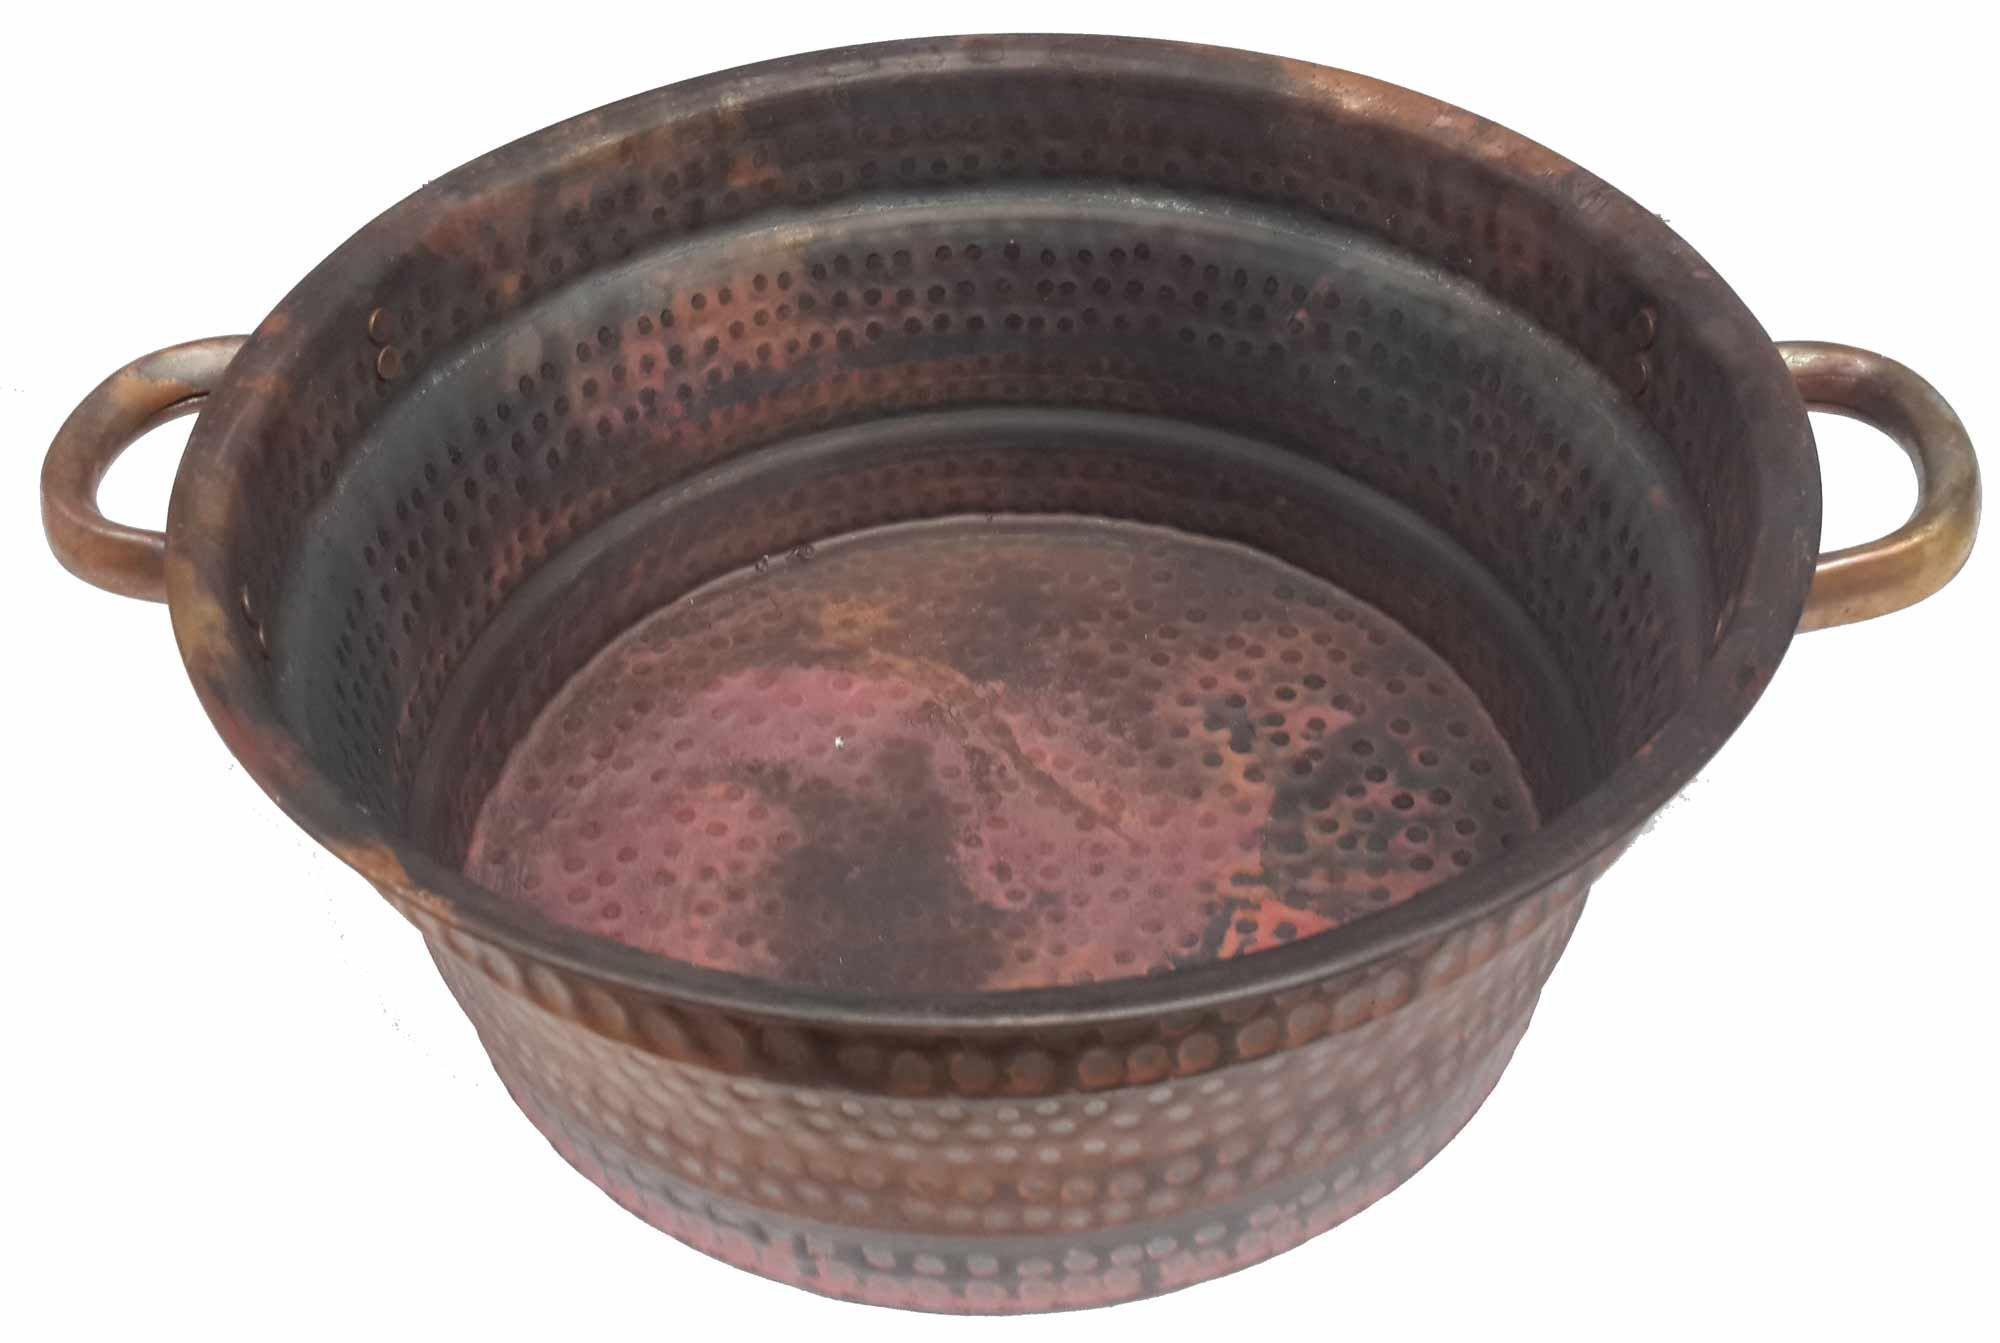 Egypt gift shops Rustic Industrial Natural Copper Petite Fire Burnt Diabetic Foot Massage Bath Pedicure Spa Beauty Salon Handles Pot Bowl Garden Storage Planter